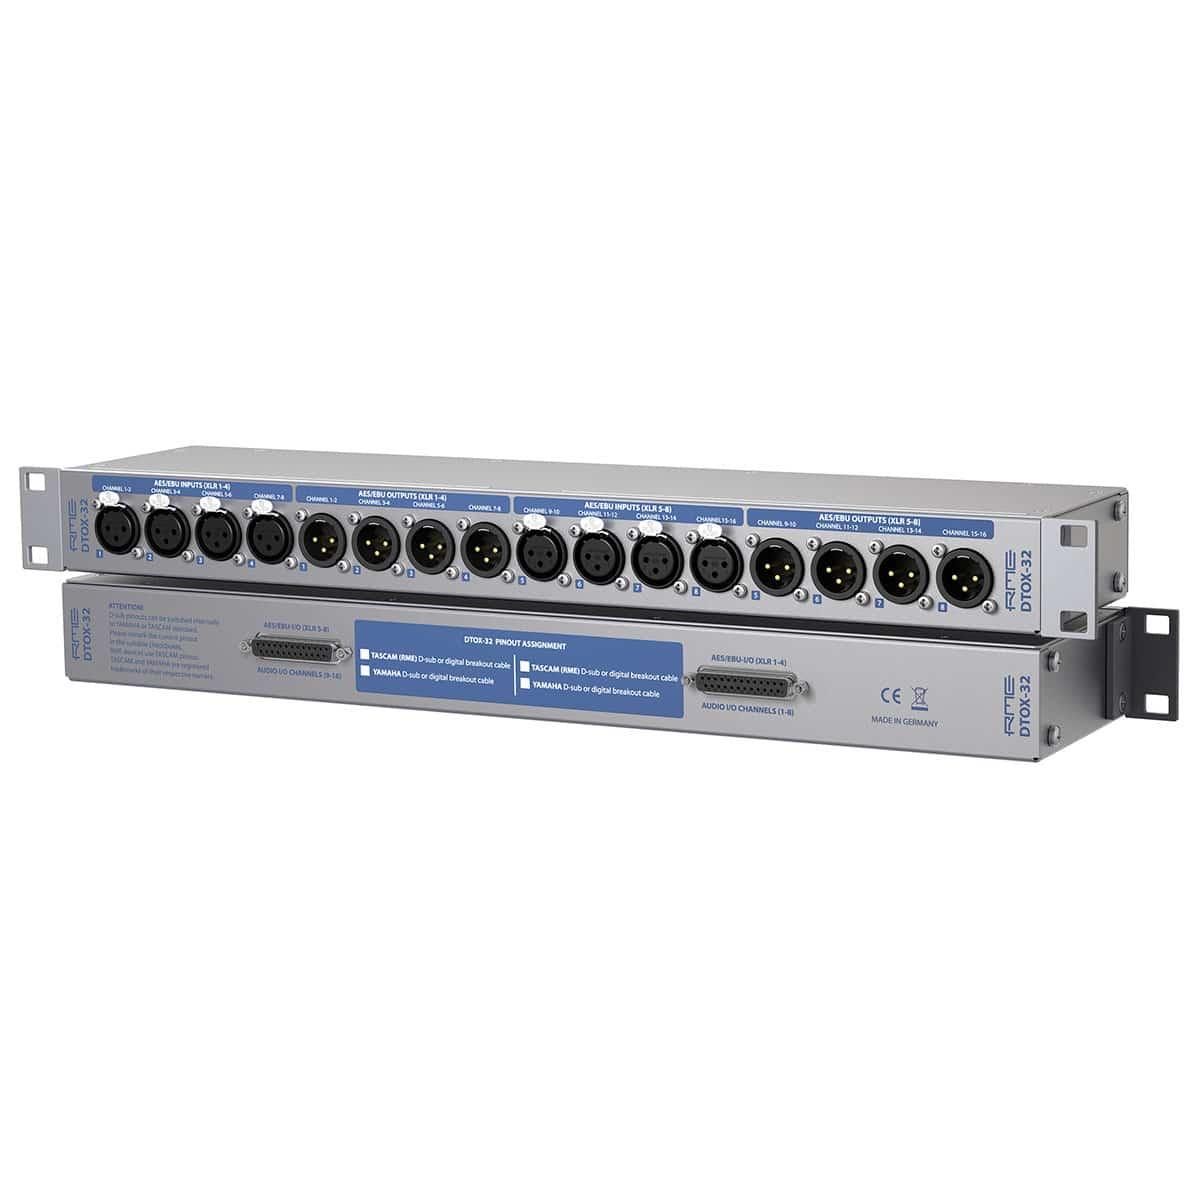 RME DTOX 32 03 Patch Bay, Pro Audio, Cavi e Cablaggio